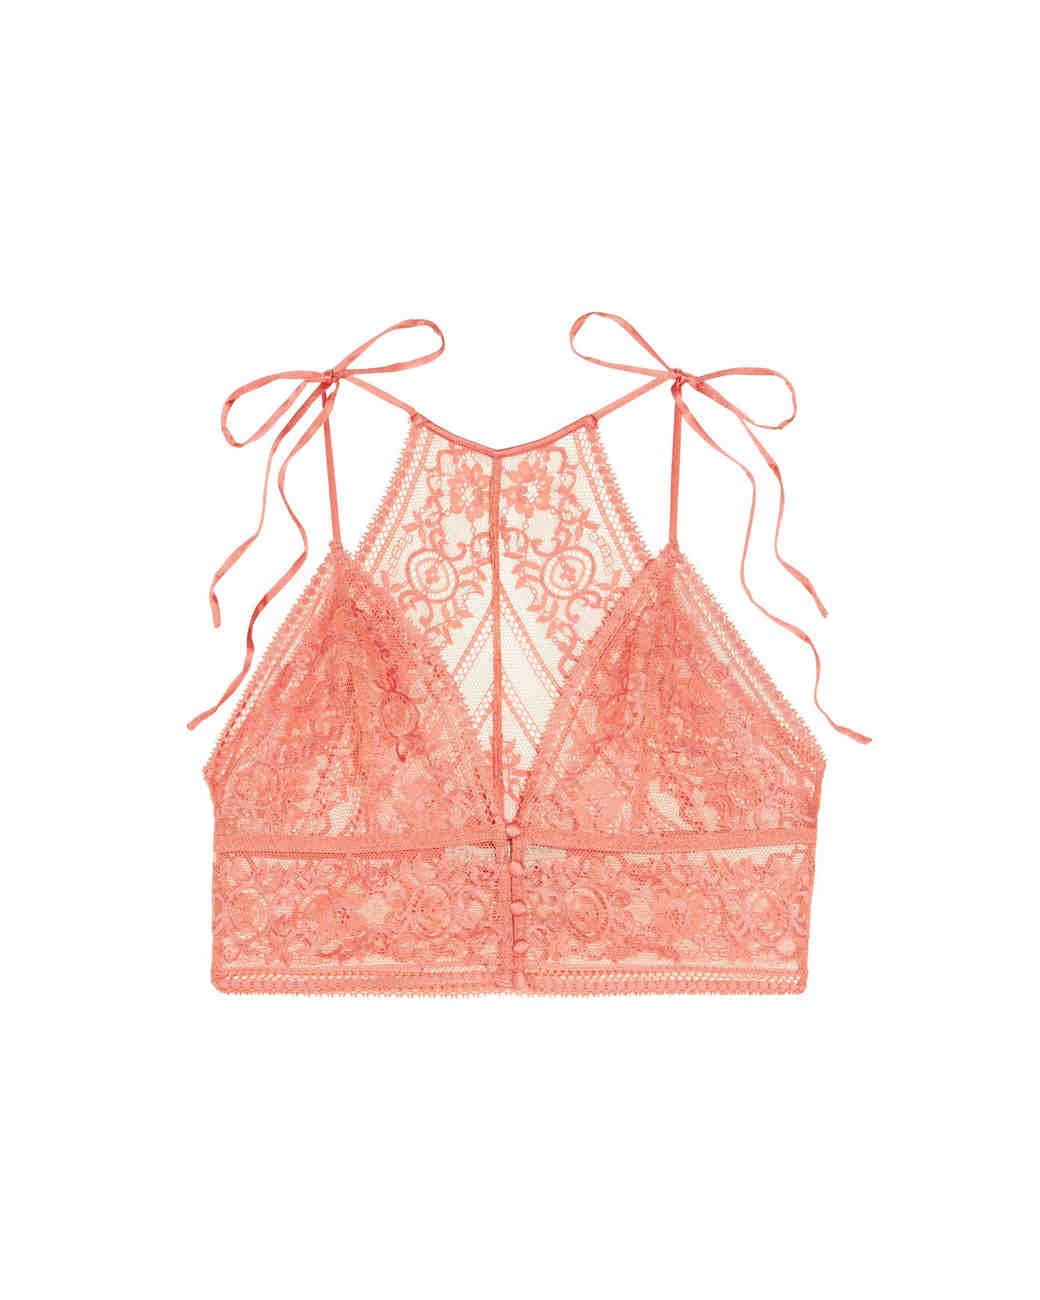 lace anniversary gifts bra stella mccartney